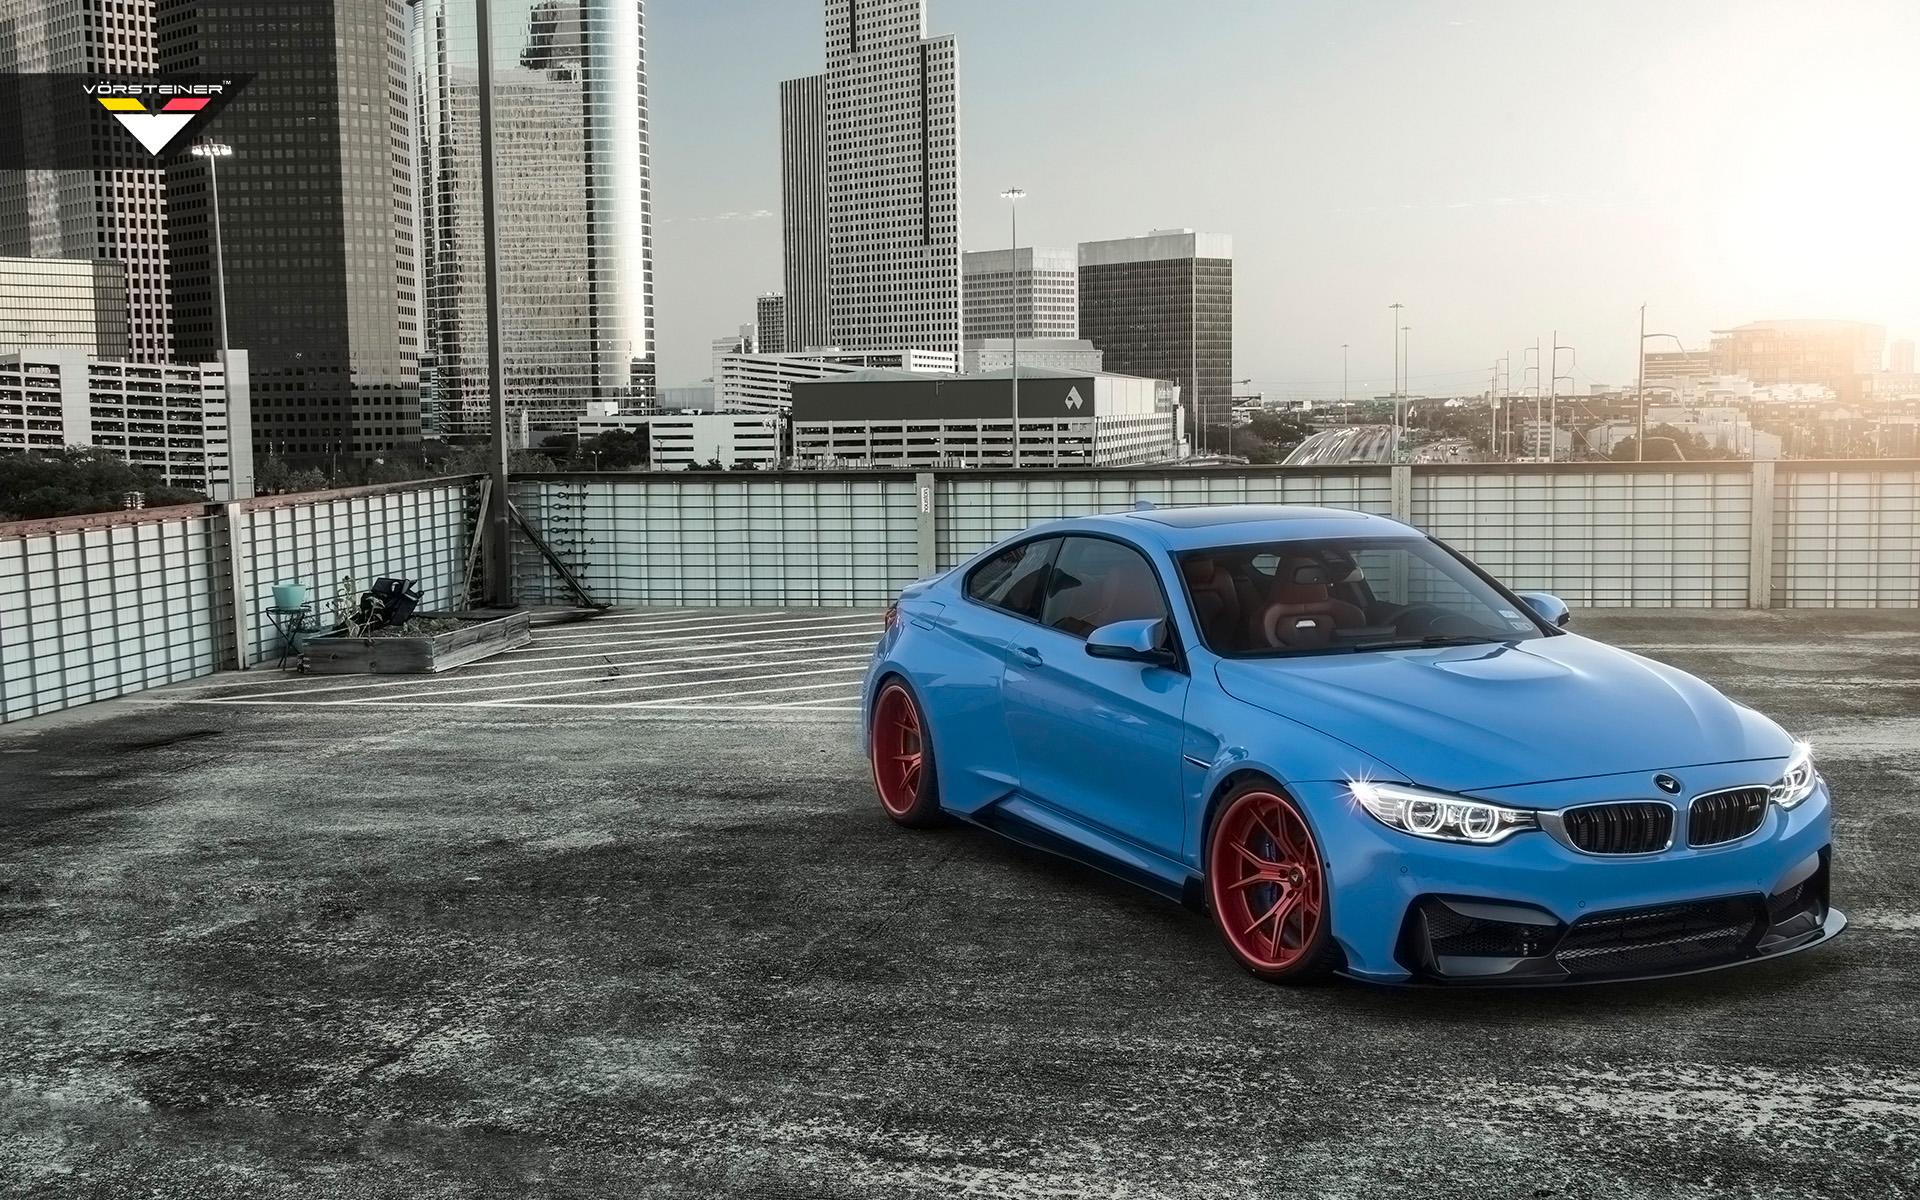 2015 Vorsteiner Bmw M4 Gtrs4 Yas Marina Blue Wallpaper Hd Car